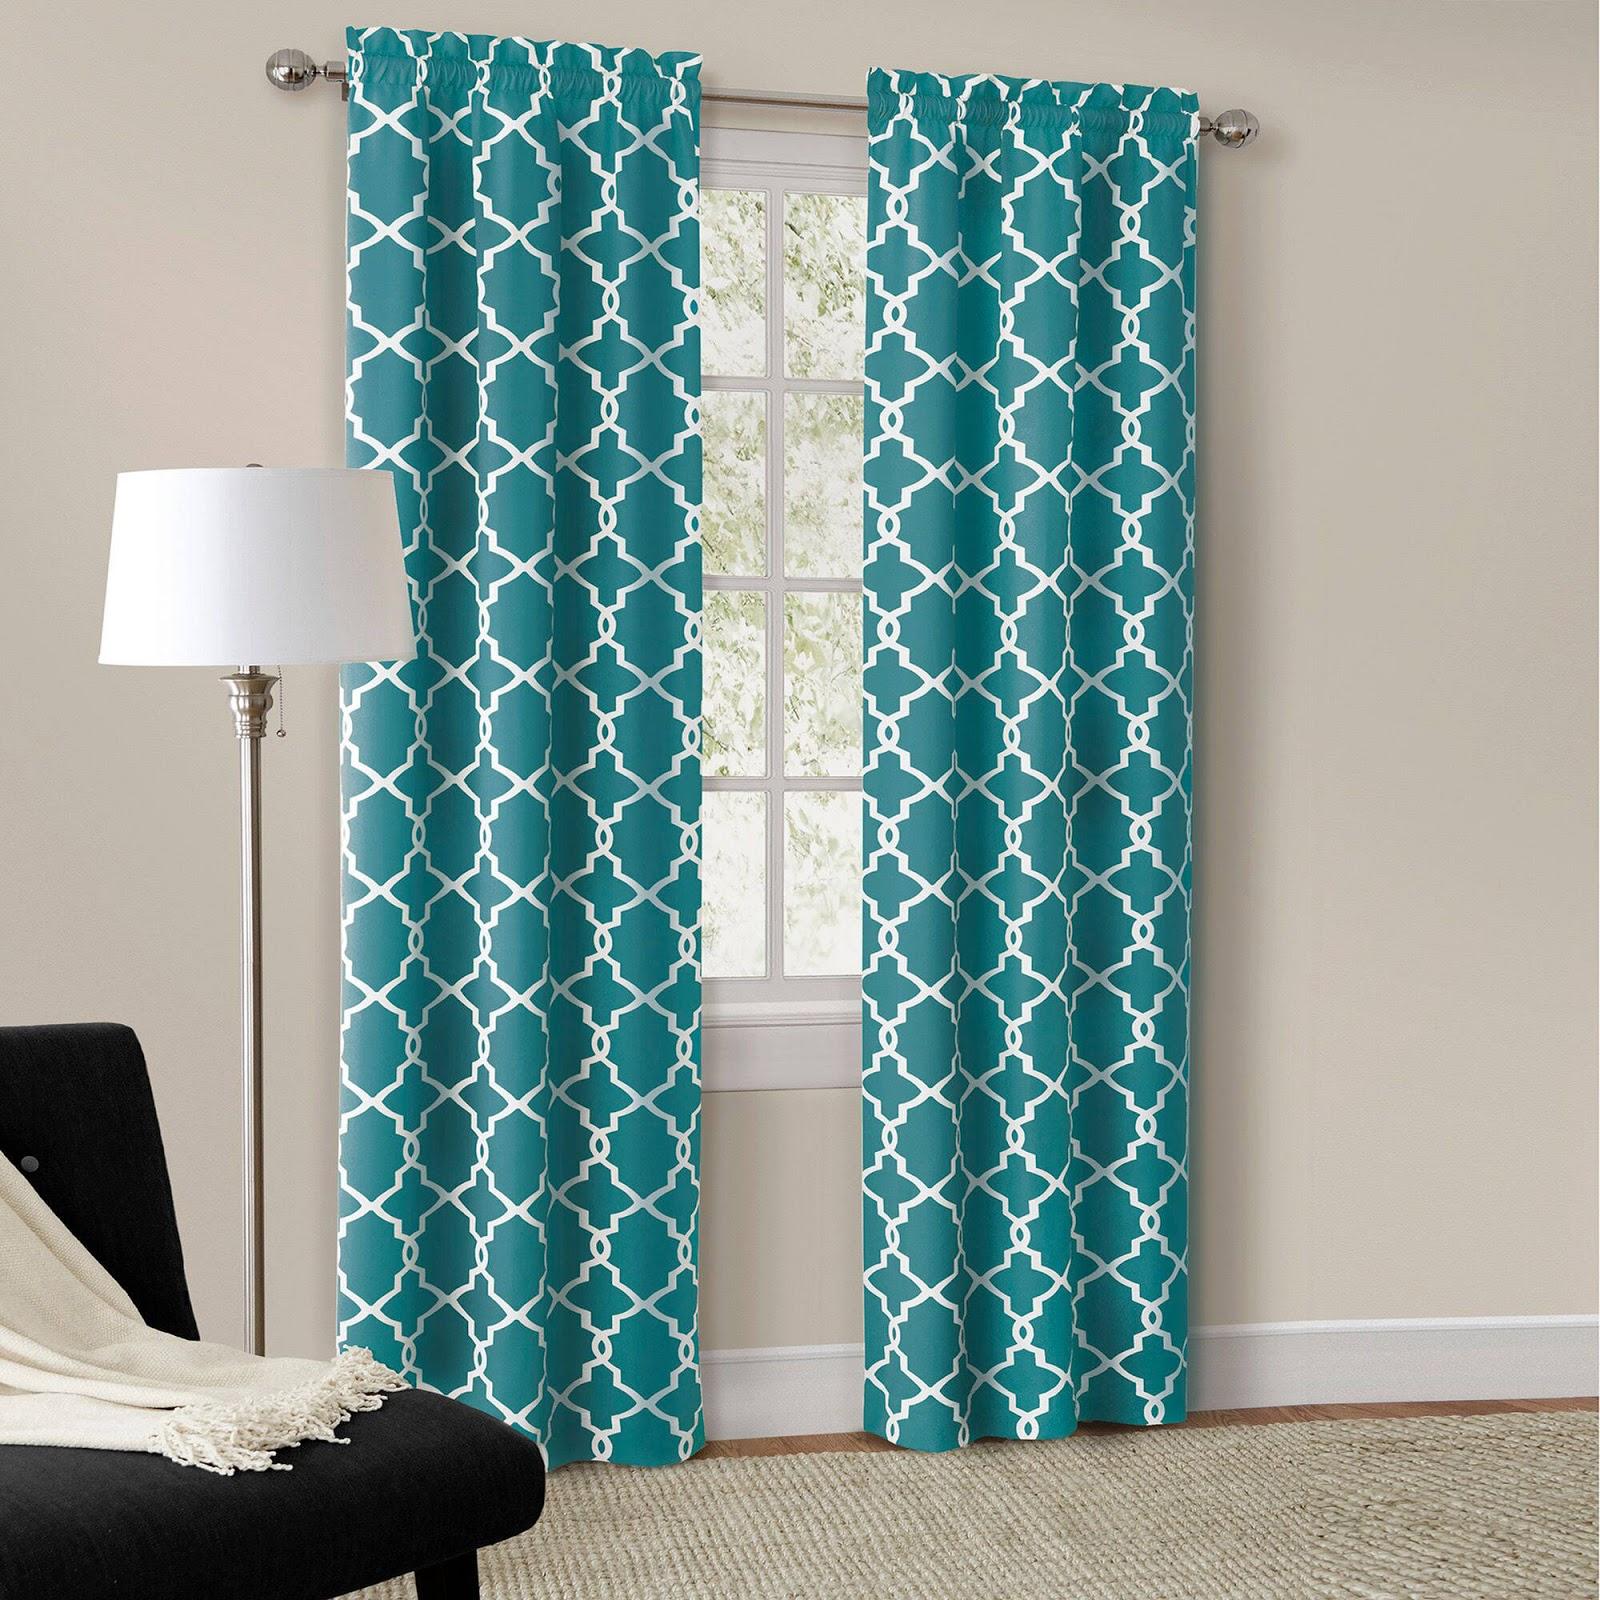 Ikea Track Curtain Curtains Tree Vilborg Vivan